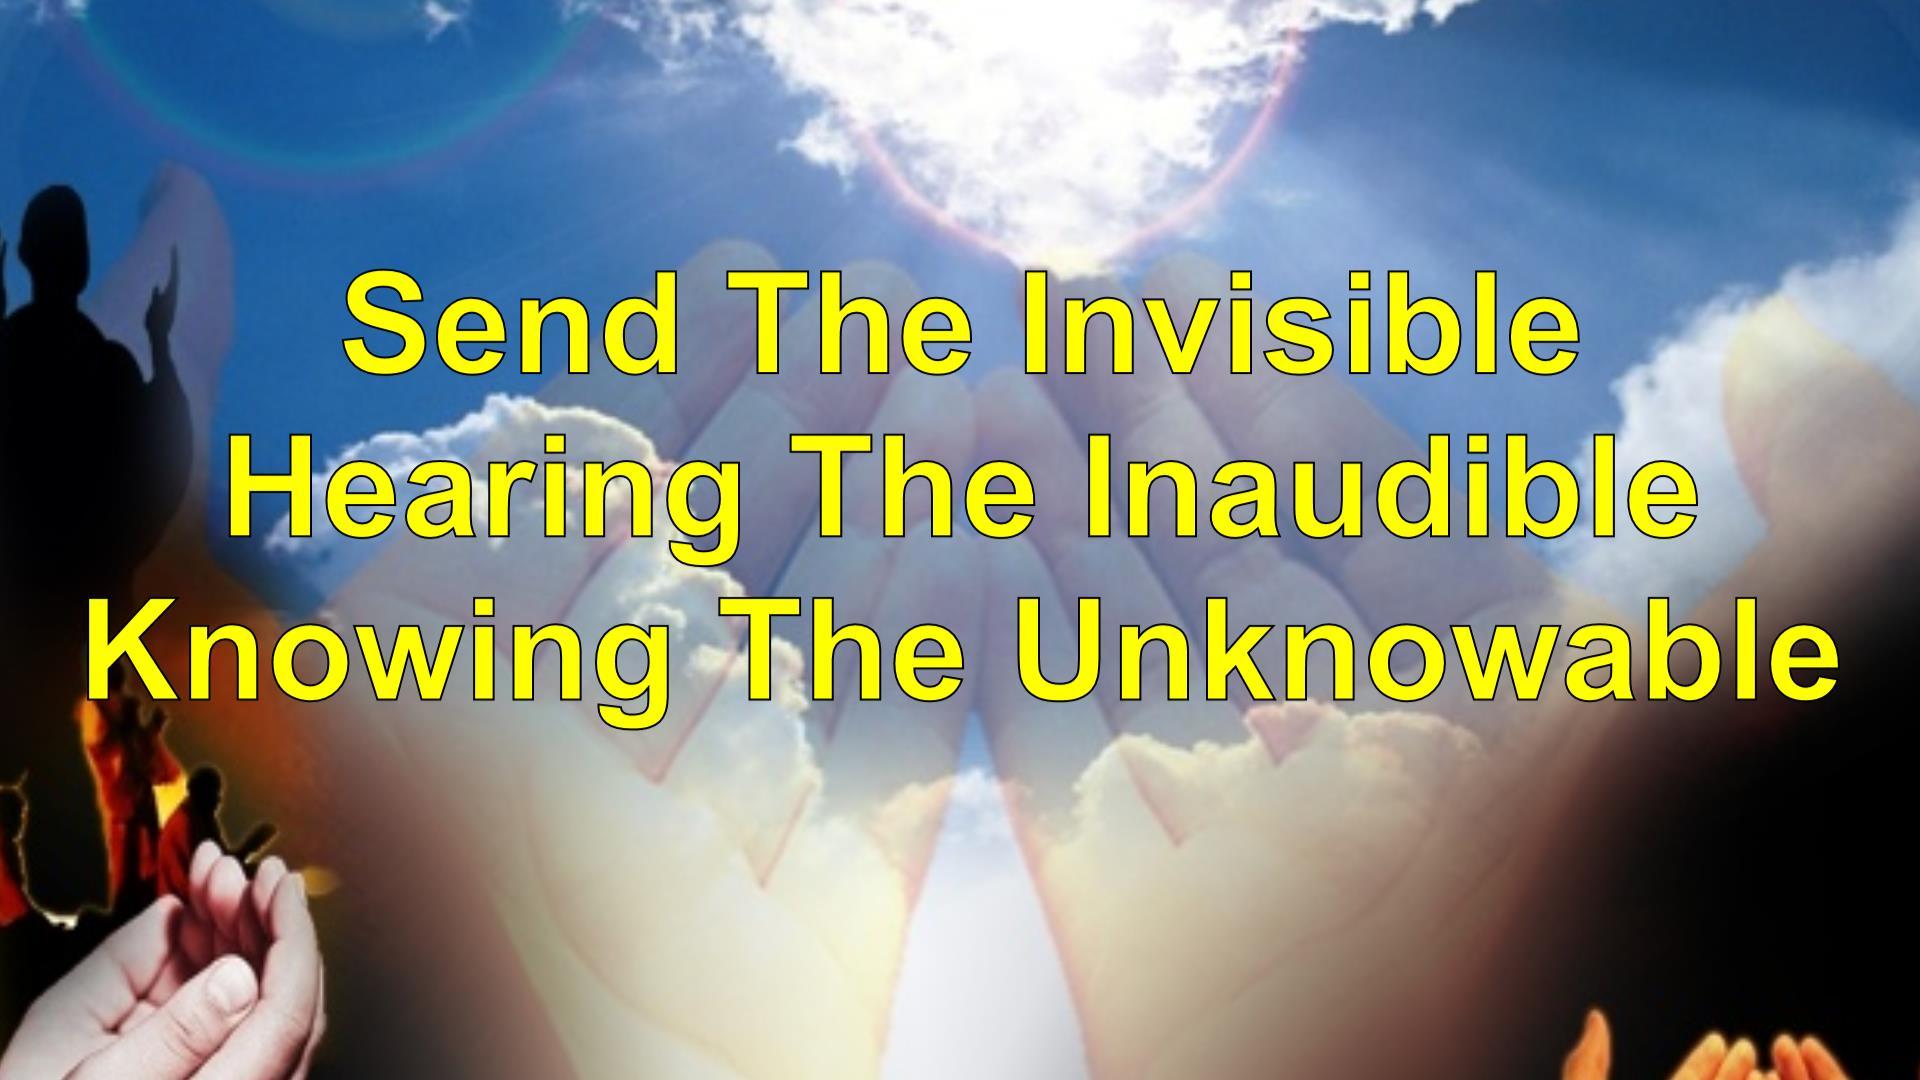 Send The Invisible